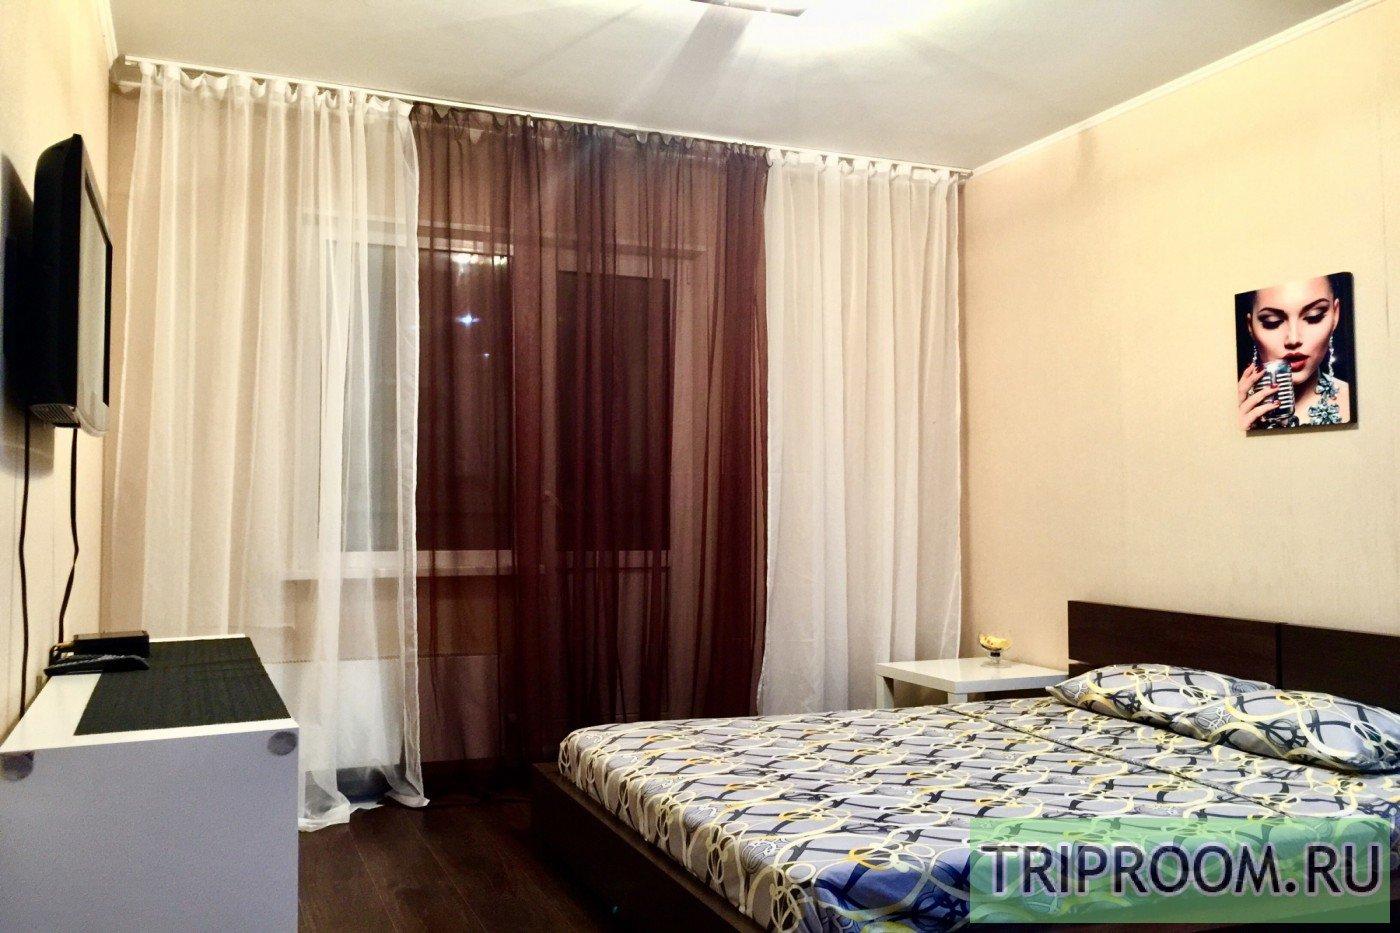 1-комнатная квартира посуточно (вариант № 36698), ул. Университетская улица, фото № 9